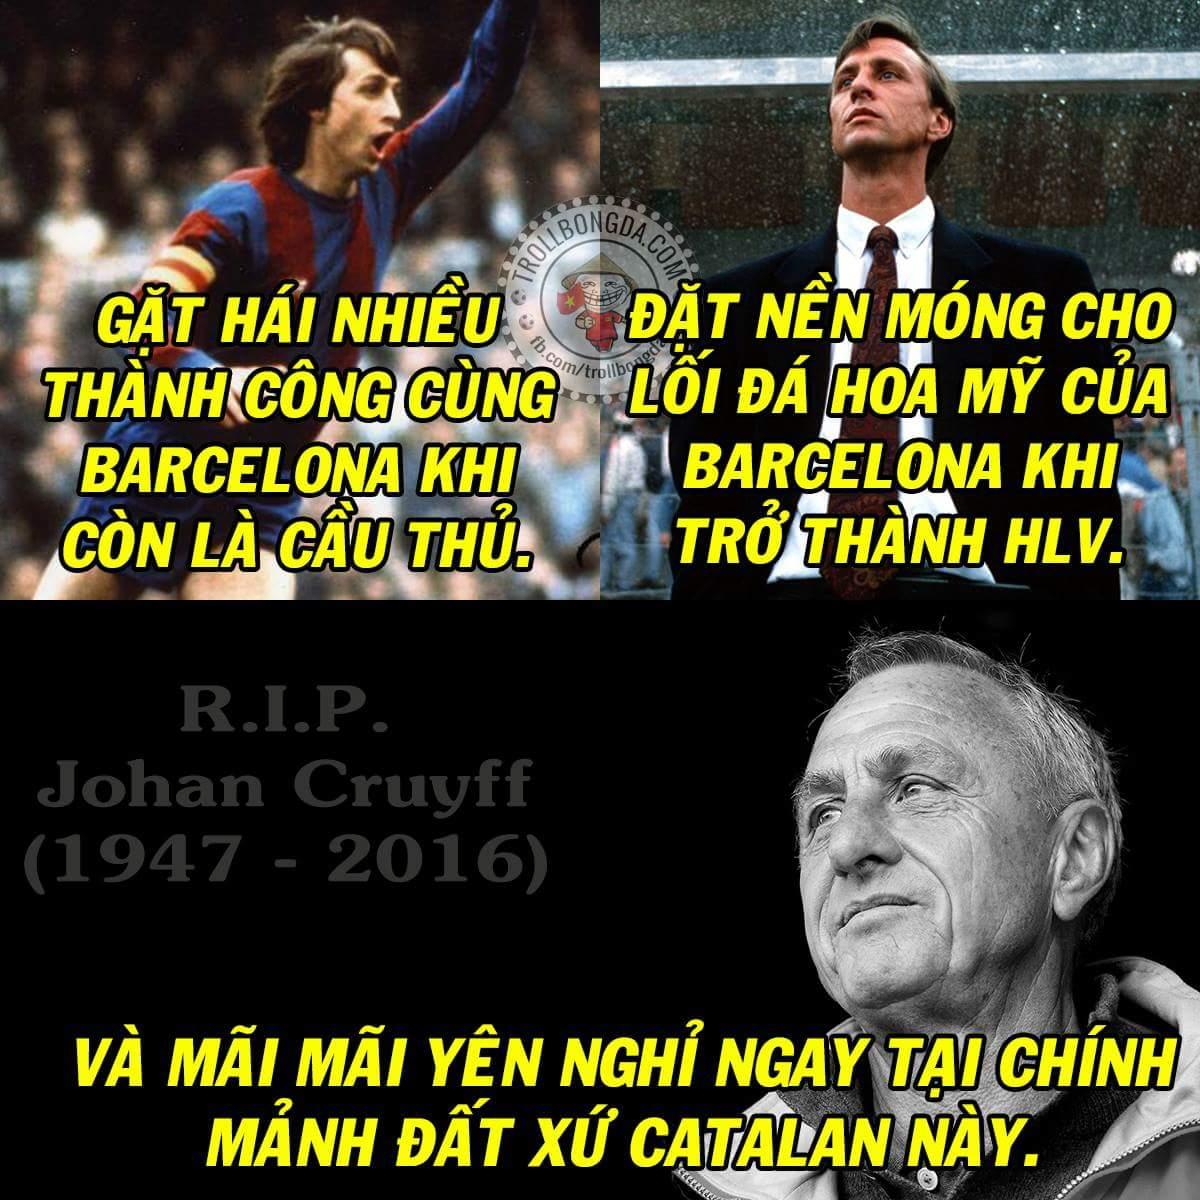 Huyền thoại bóng đá Johan Cruyff đã qua đời ở tuổi 68 vì ung thư. Vĩnh biệt Thánh Johan -...